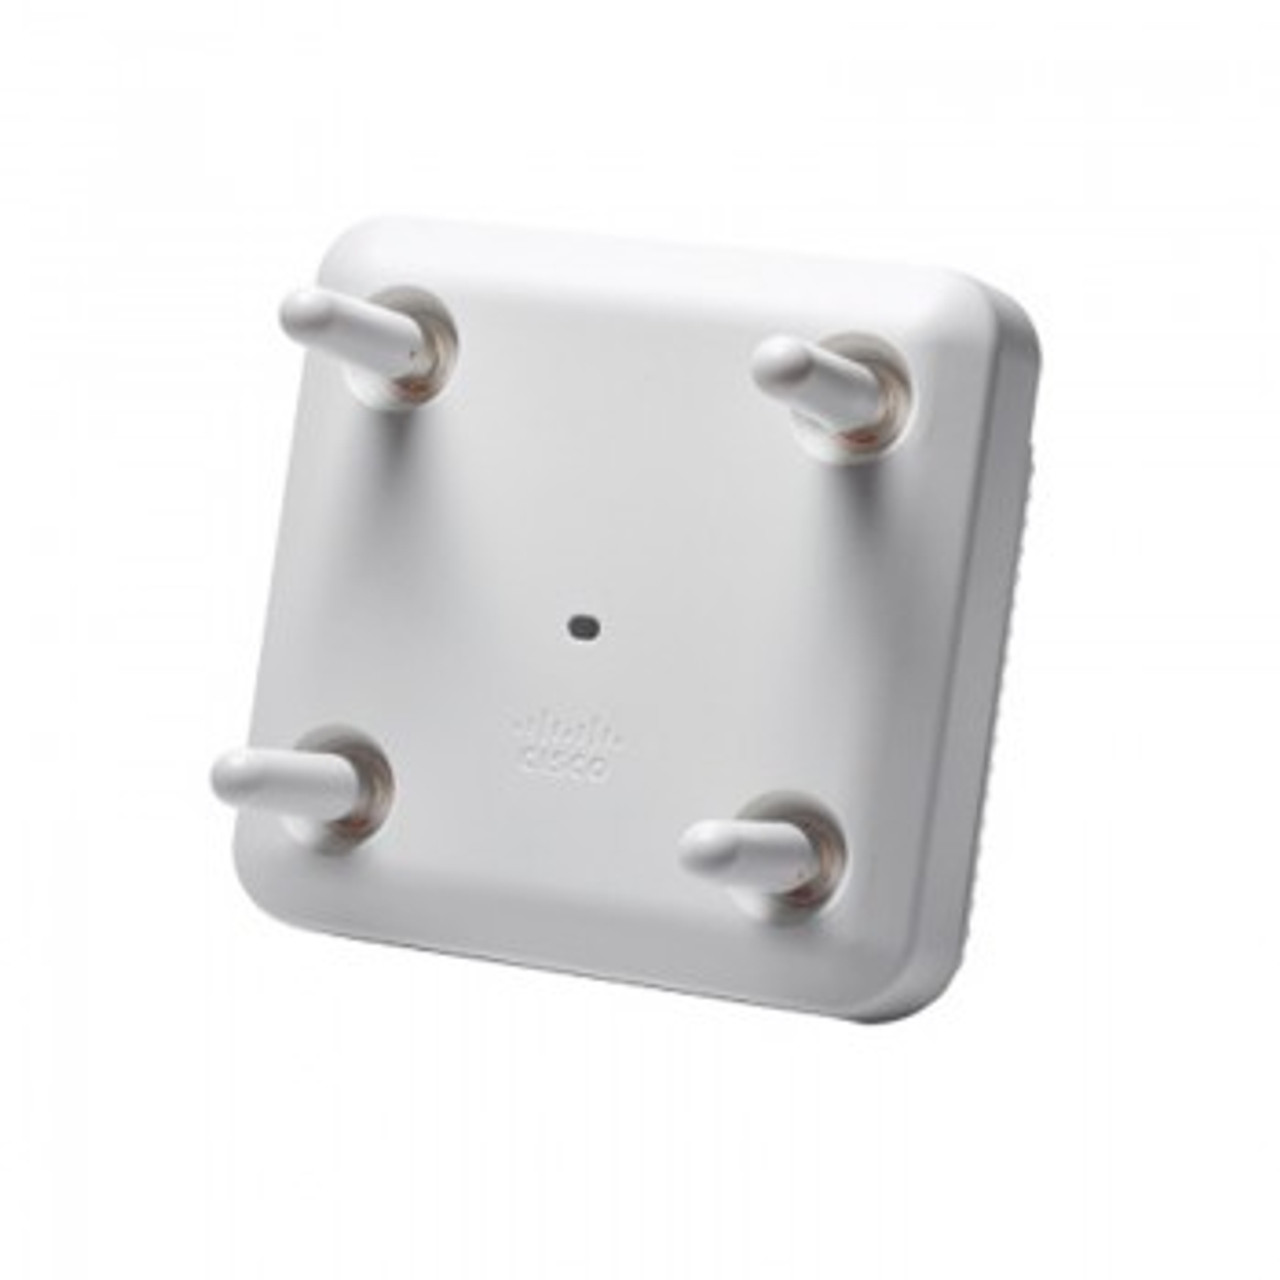 AIR-AP2802E-A-K9C - Cisco Aironet 2802E Access Point